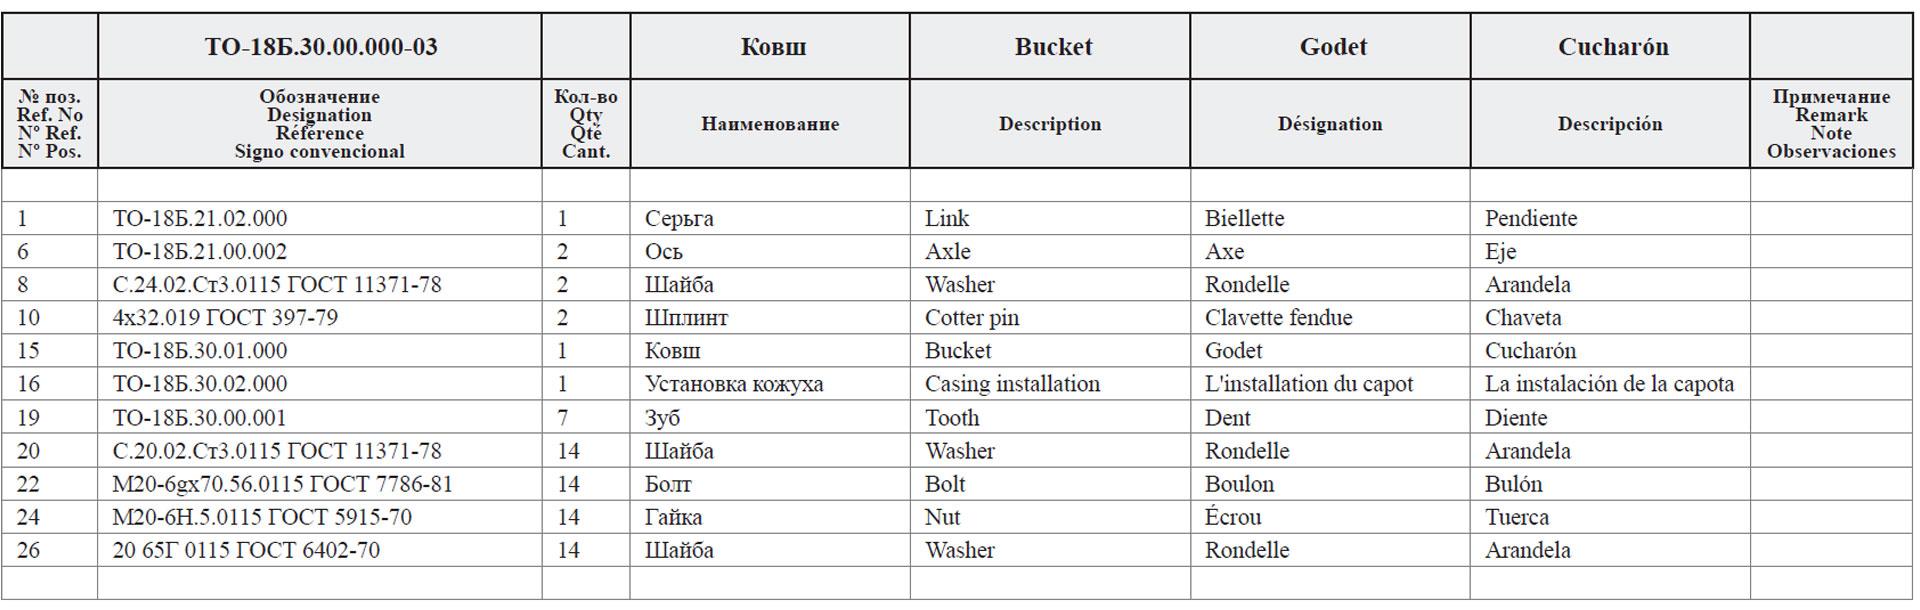 Ковш ТО-18Б.30.00.000